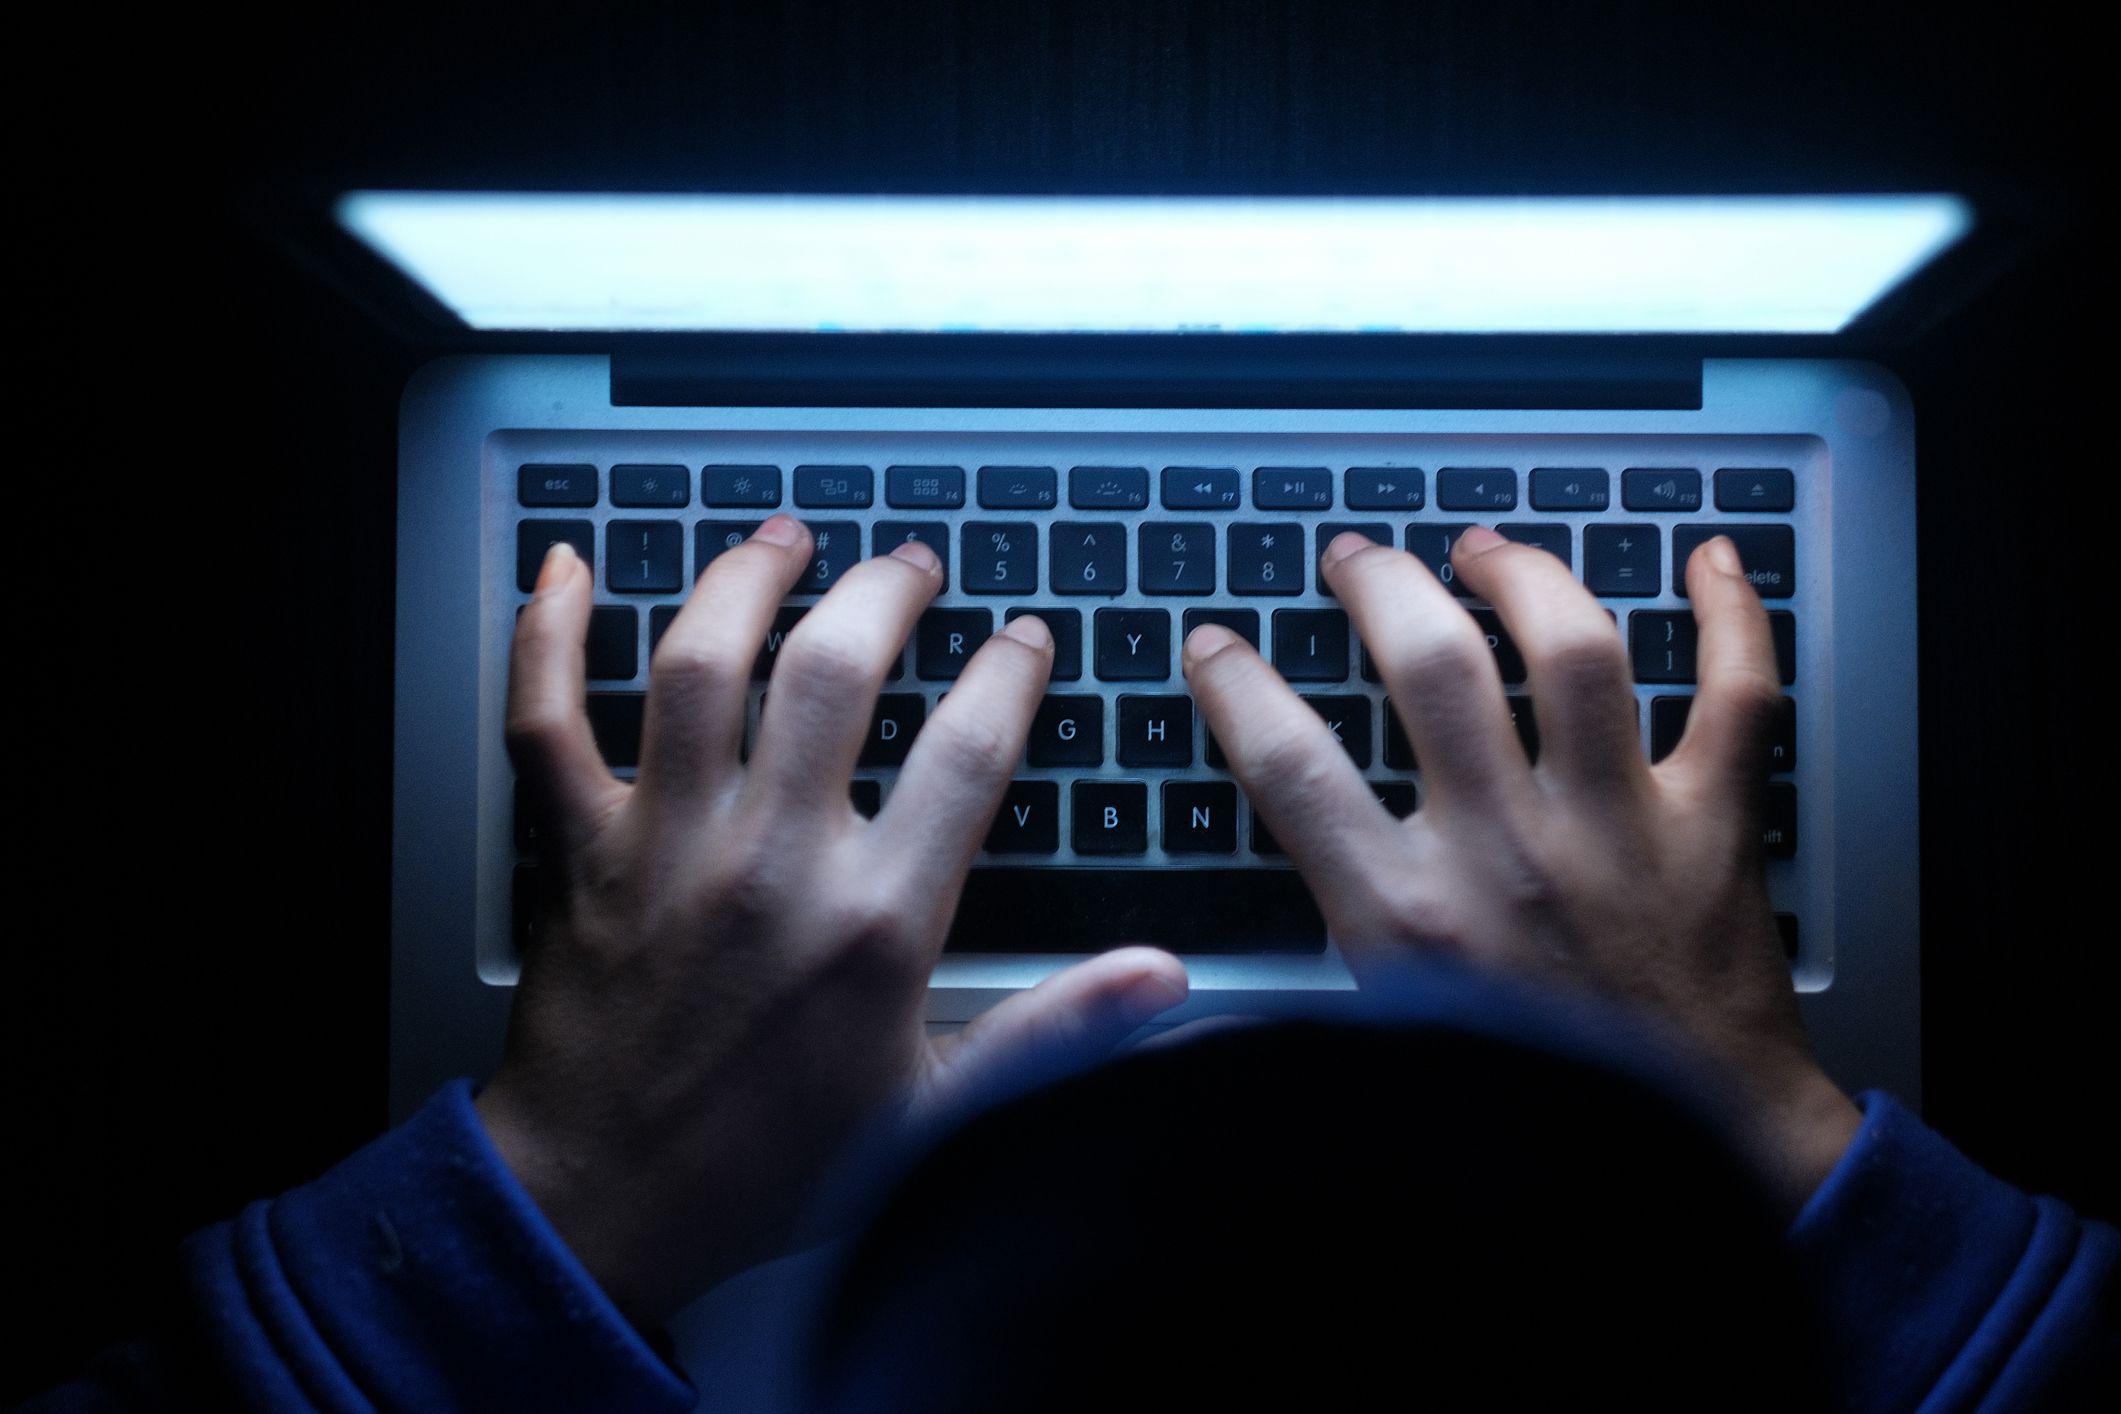 La venta de drogas en redes sociales creció un 500%